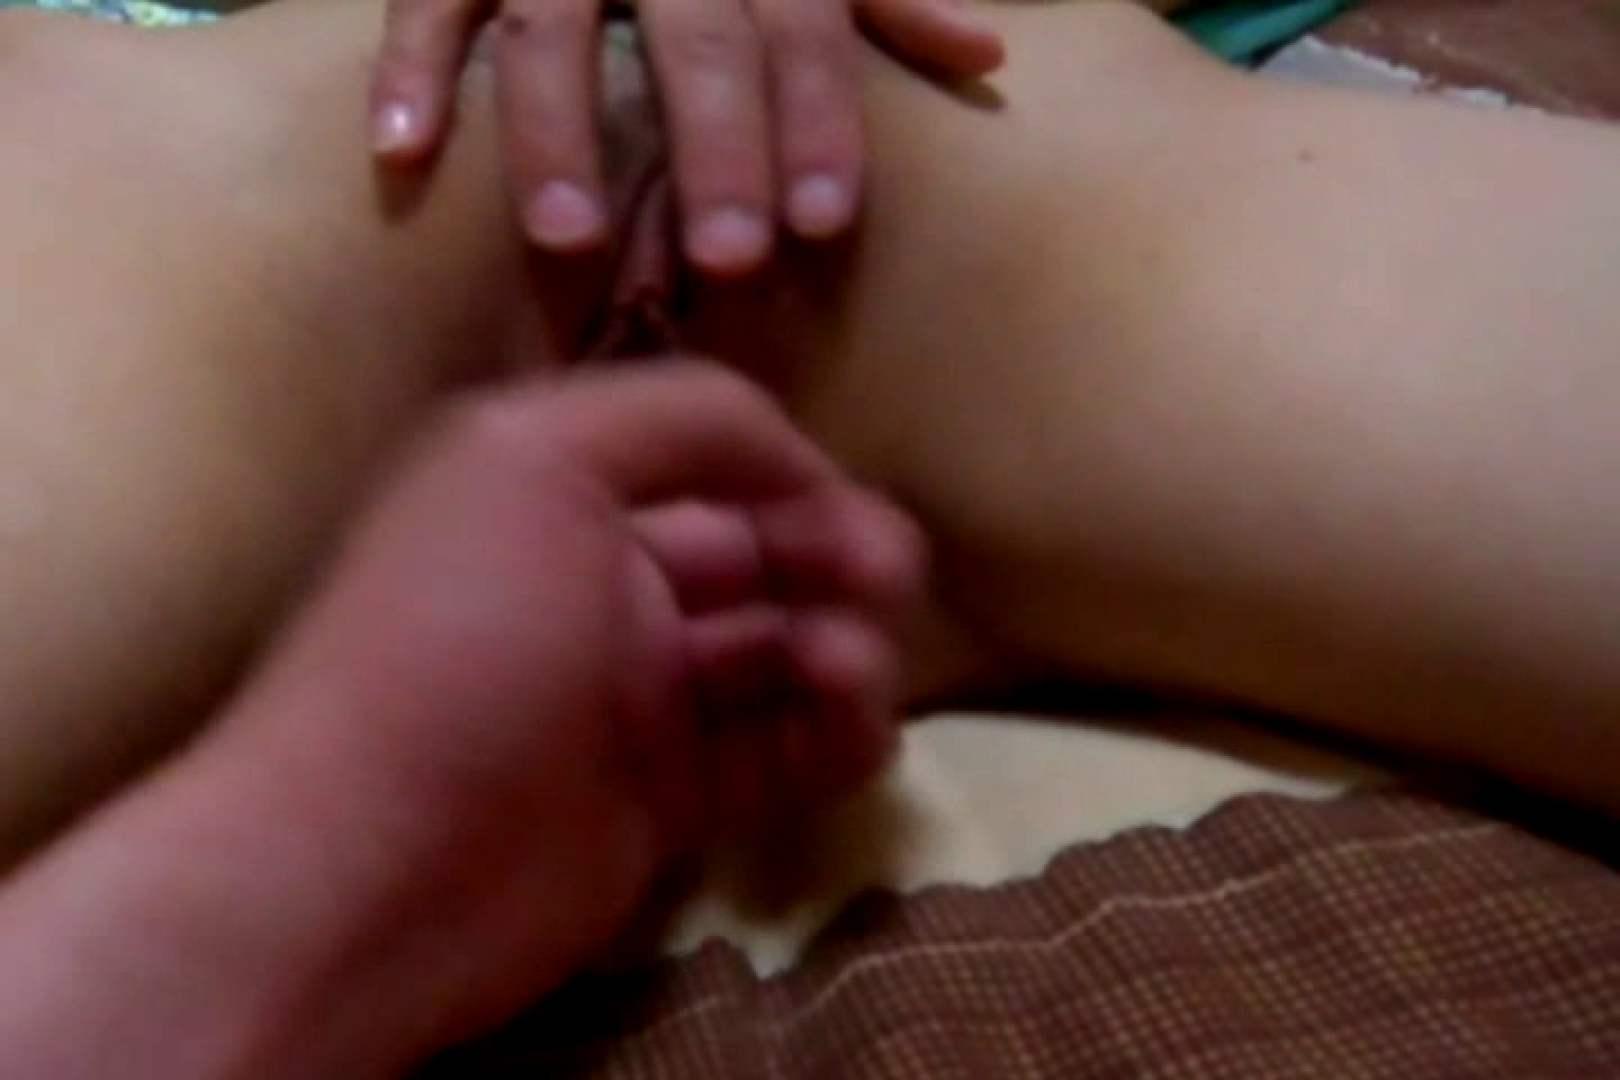 ウイルス流出 Ownerのハメ撮り映像 マンコ  71連発 10